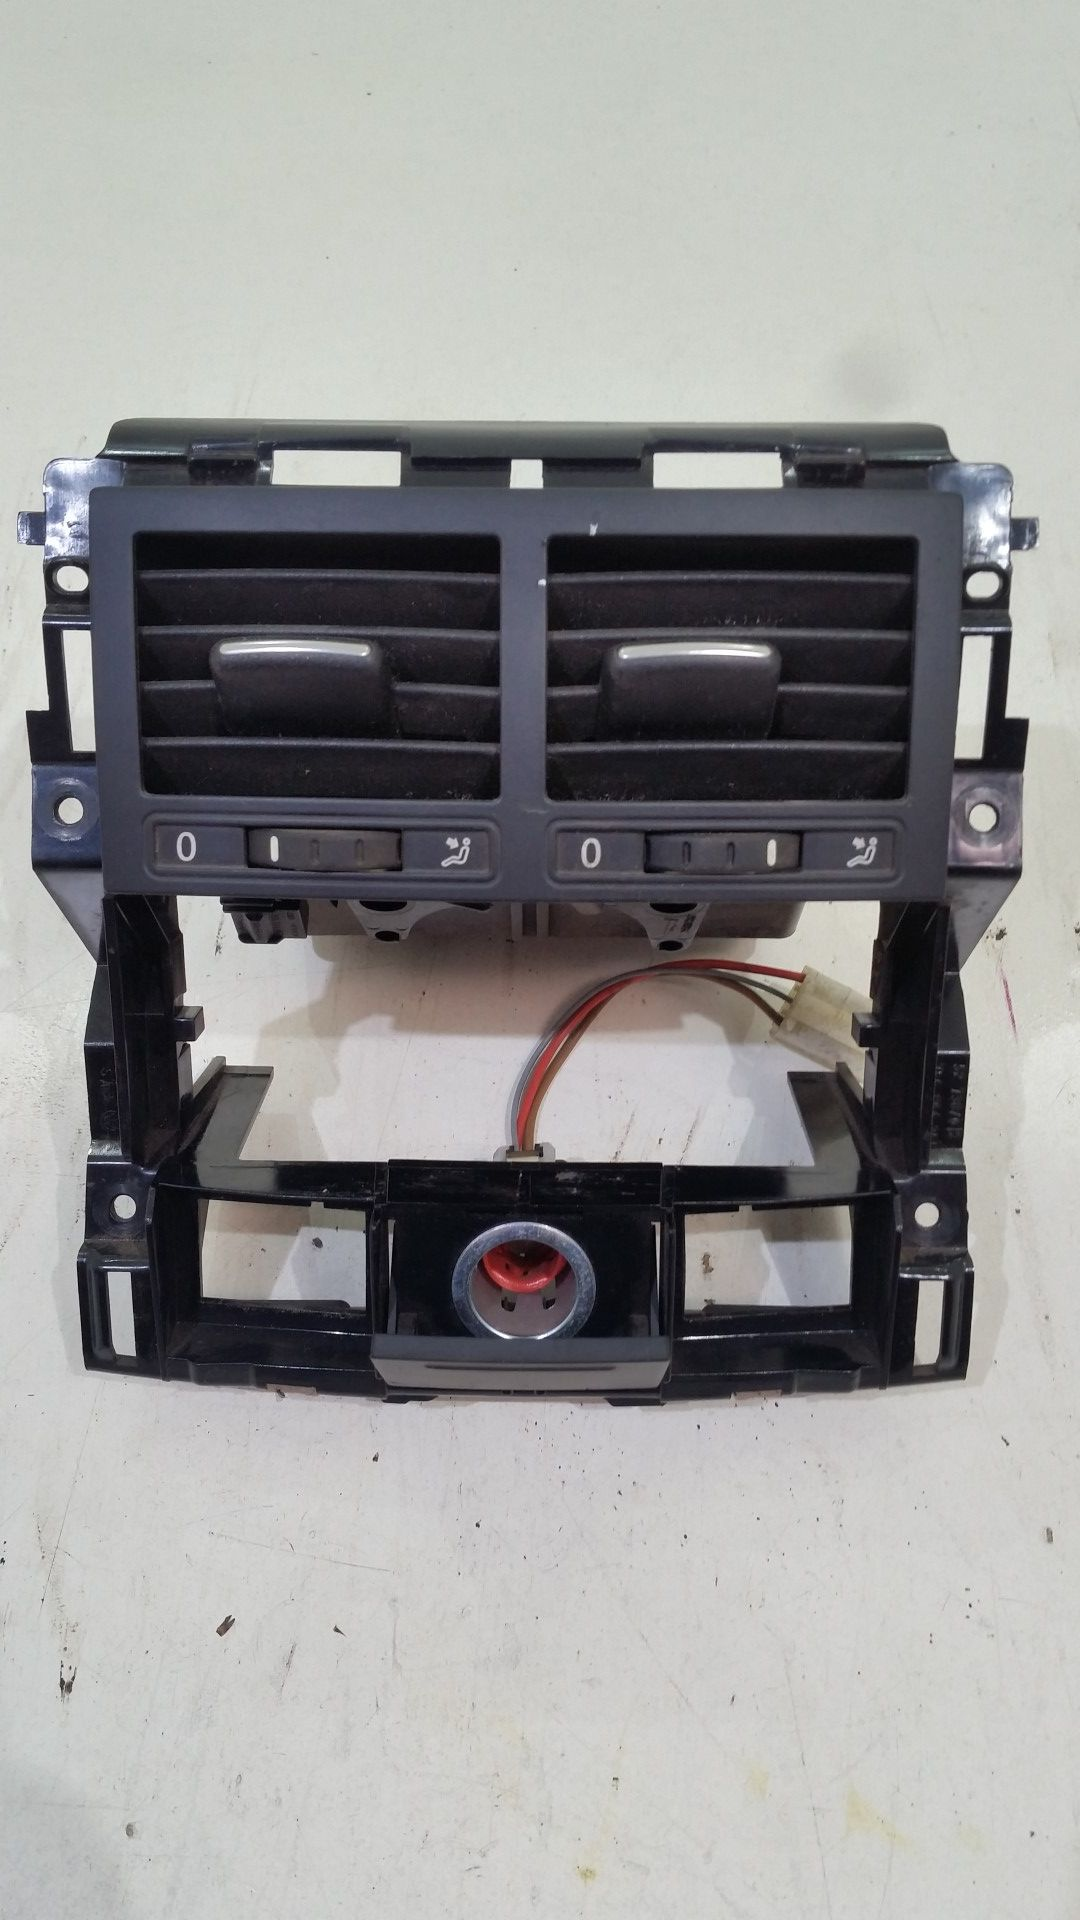 VW Touareg 7L Lüftungsdüsen Luftdüsen Lüftungsgitter Luft 7L6819203C Ausströmer